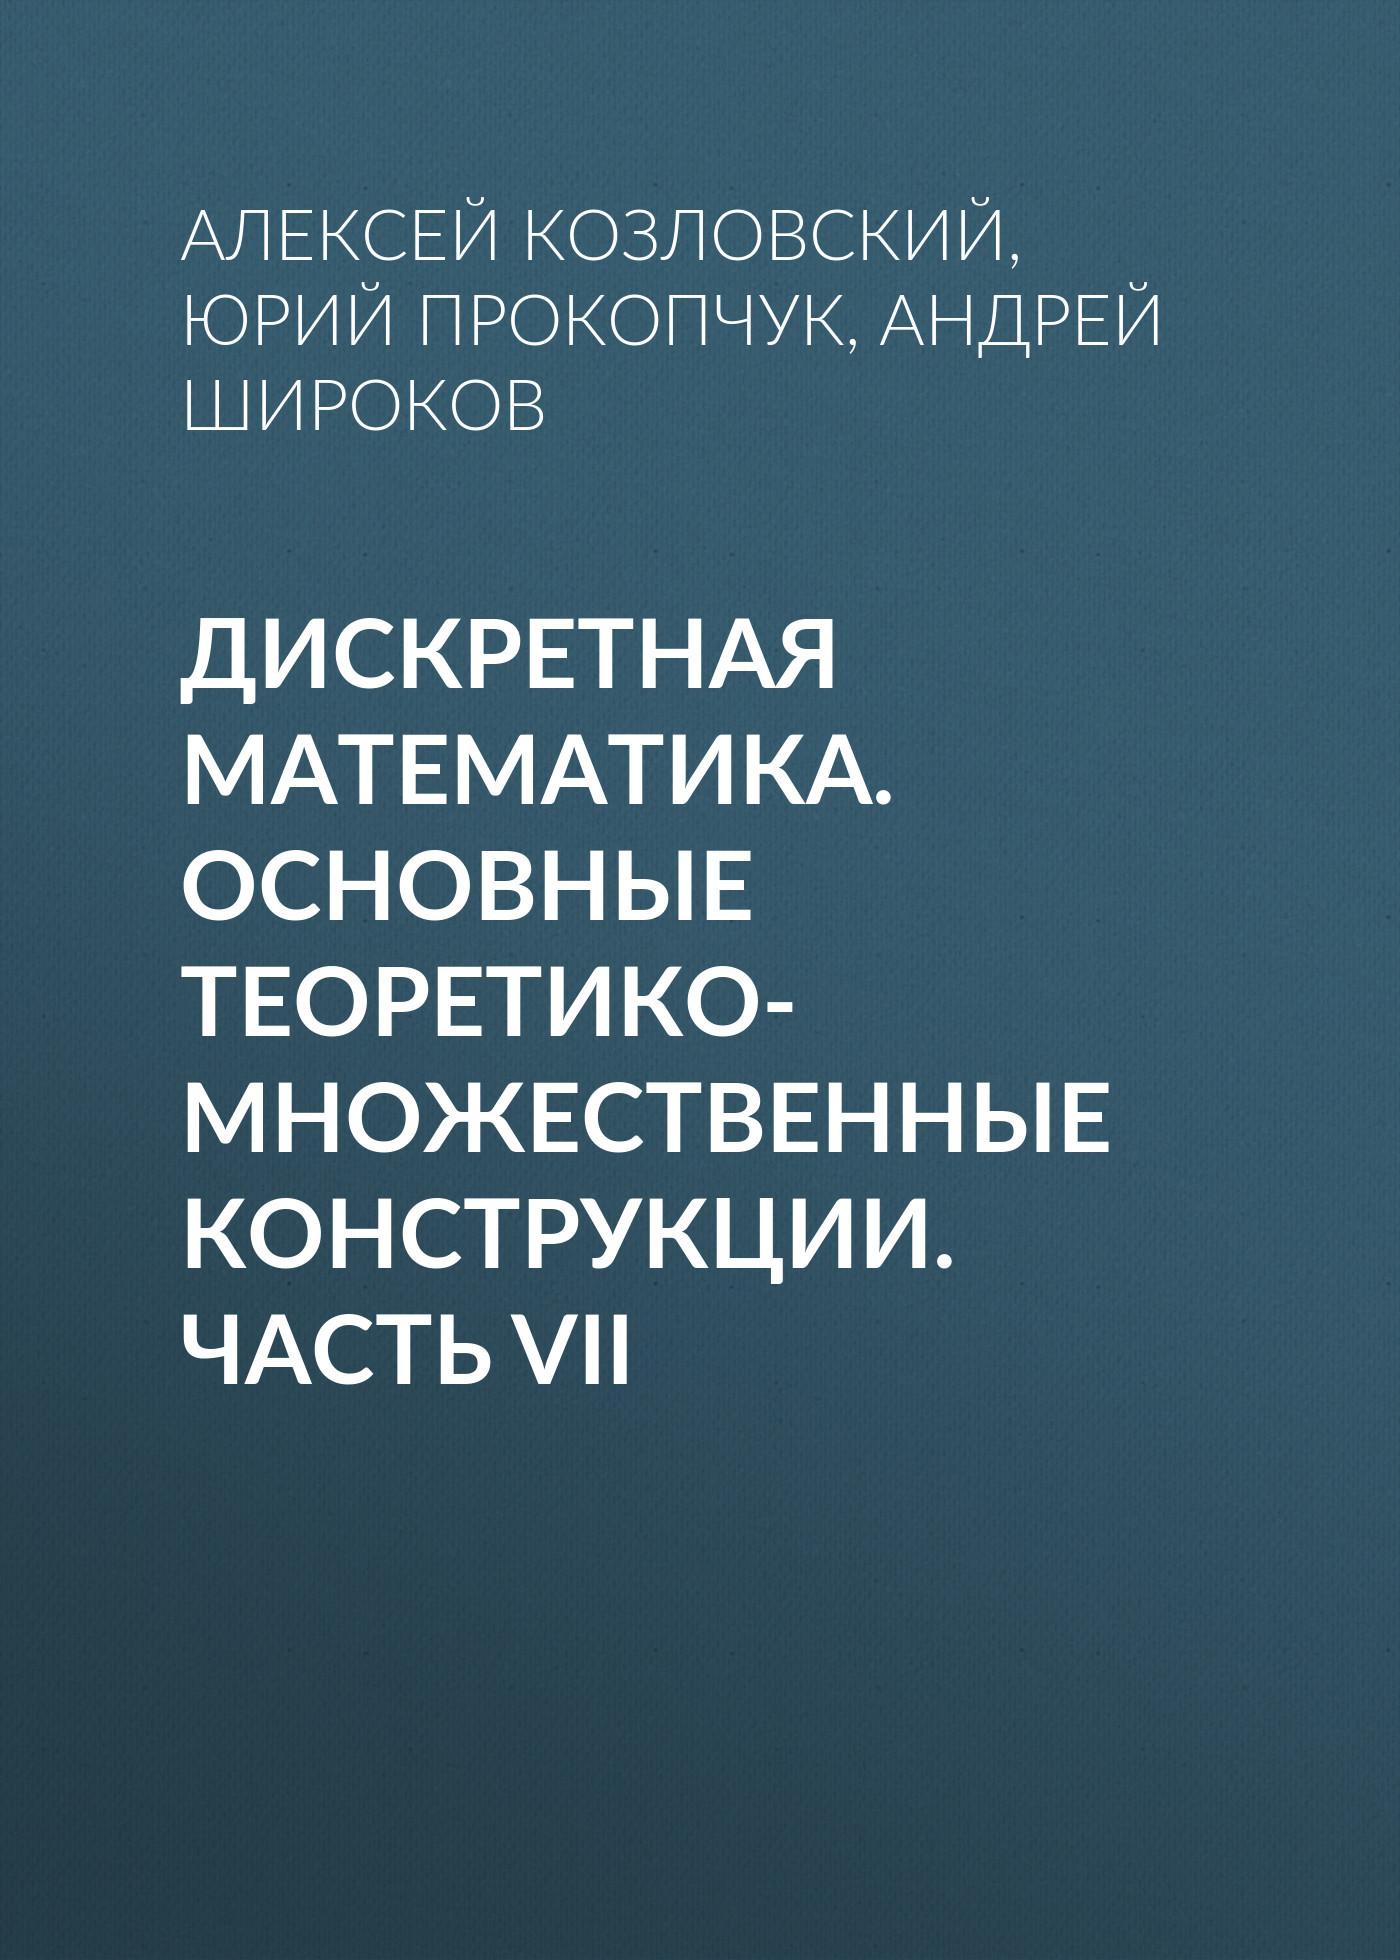 Андрей Широков Дискретная математика. Основные теоретико-множественные конструкции. Часть VII и в бабичева дискретная математика контролирующие материалы к тестированию